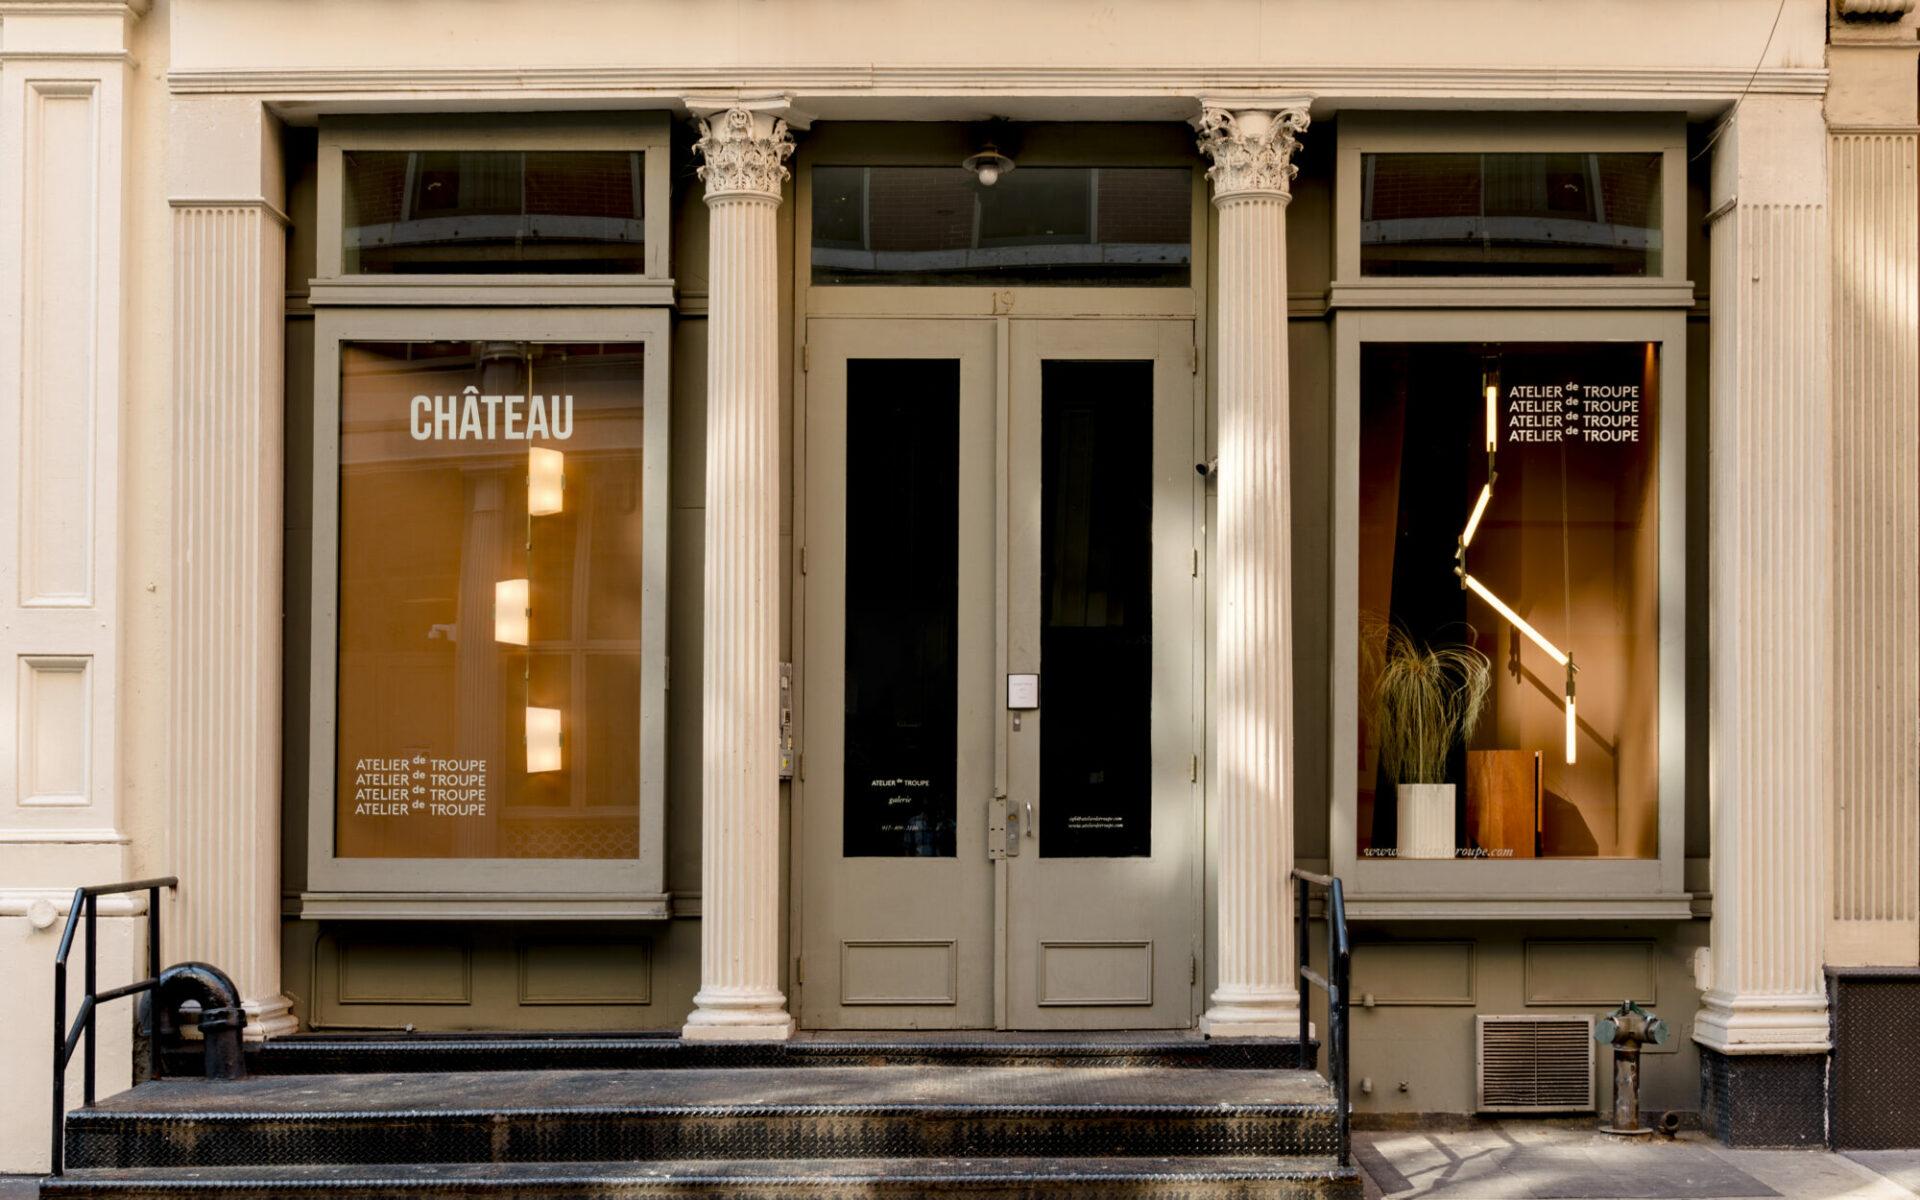 Atelier de Troupe / Château Open House